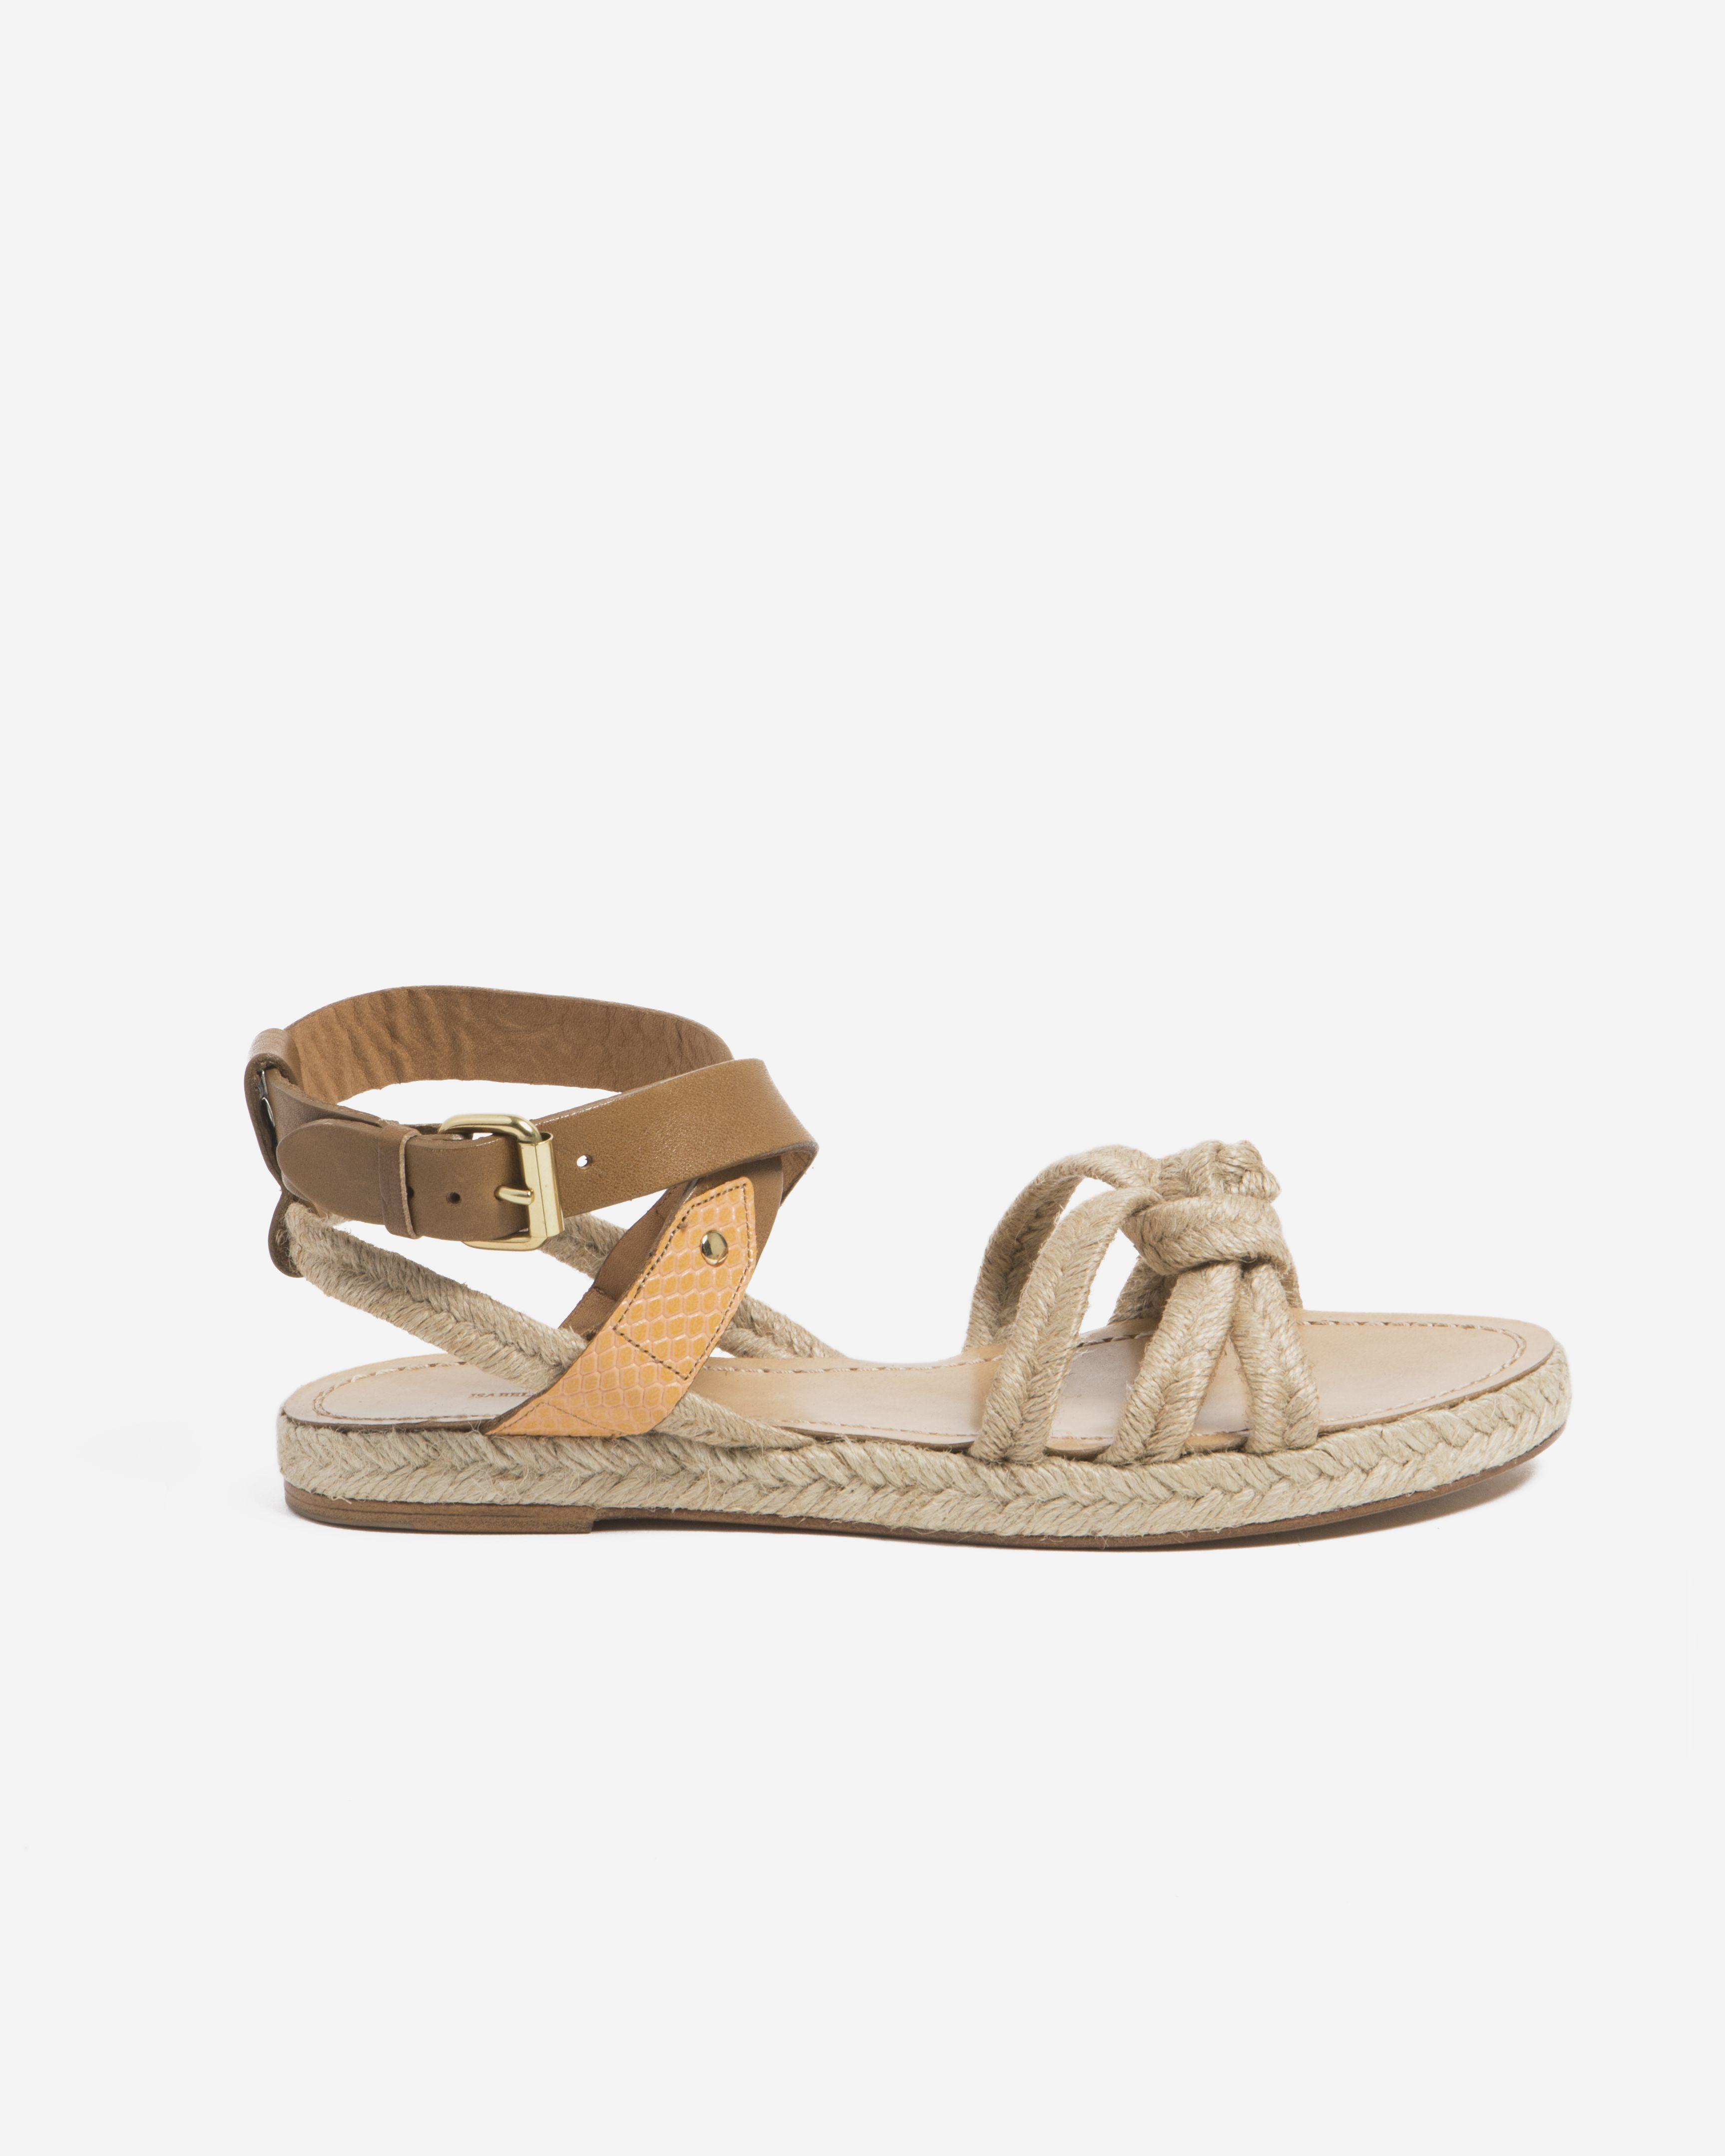 Camila Rope Sandal - Natural